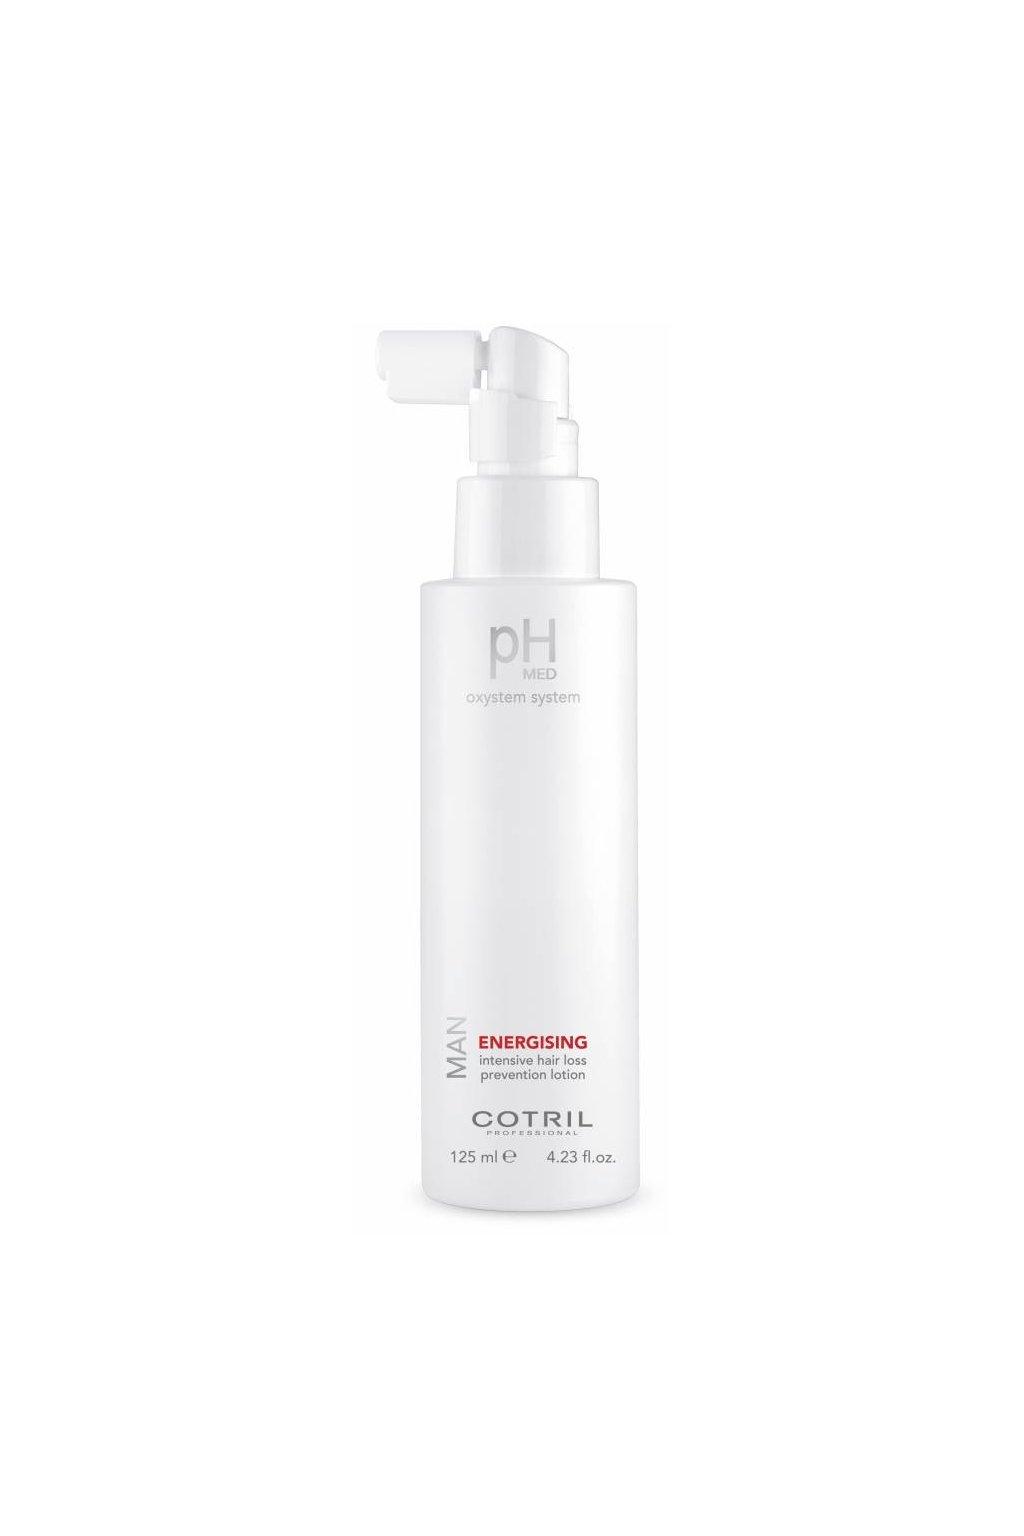 Cotril pH-MED Energising Tonikum MAN proti padání vlasů, pro muže 125ml